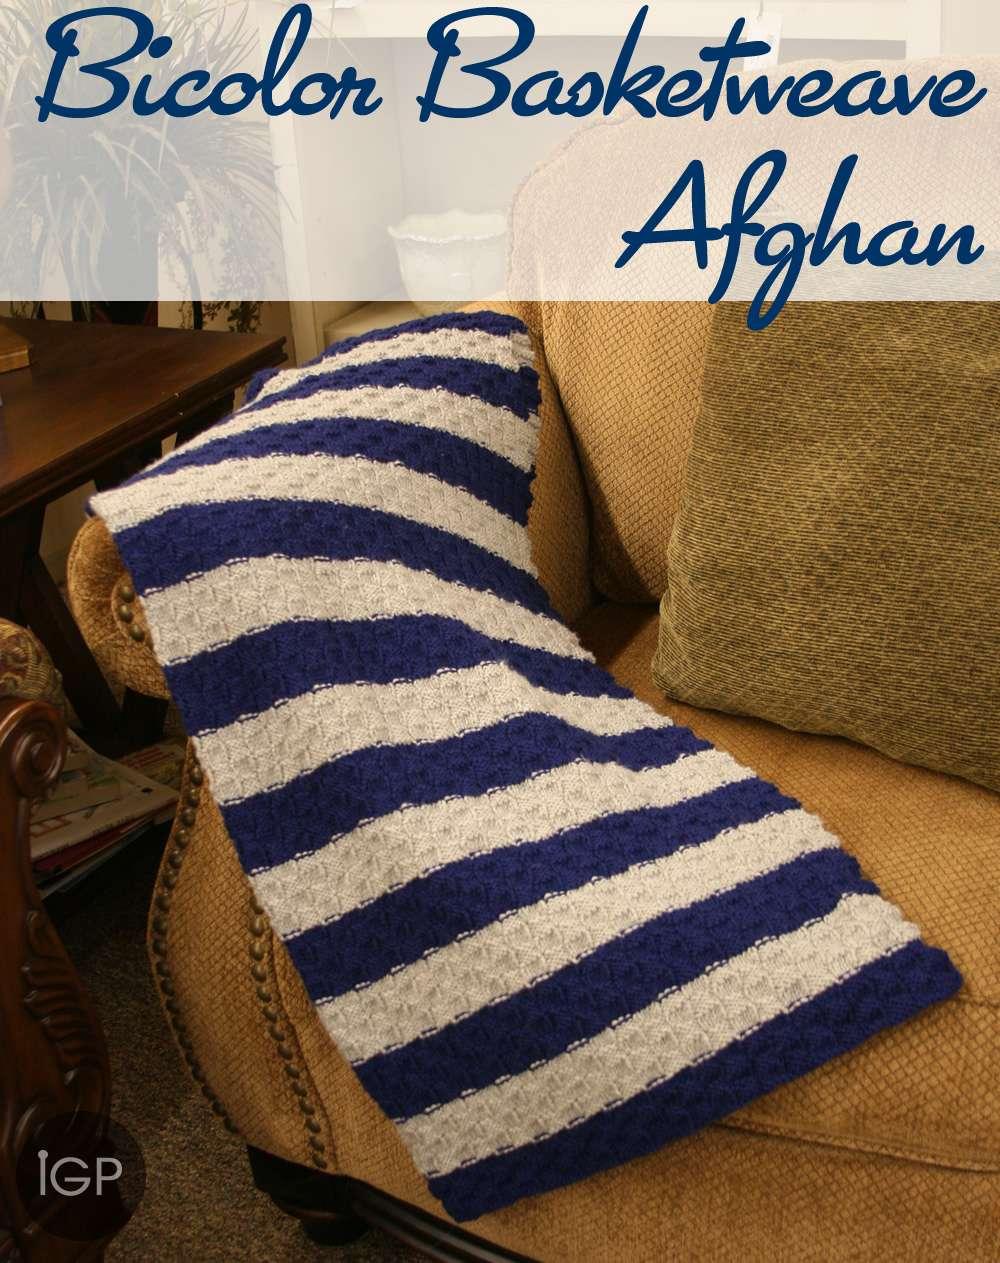 Bicolor Basketweave Afghan